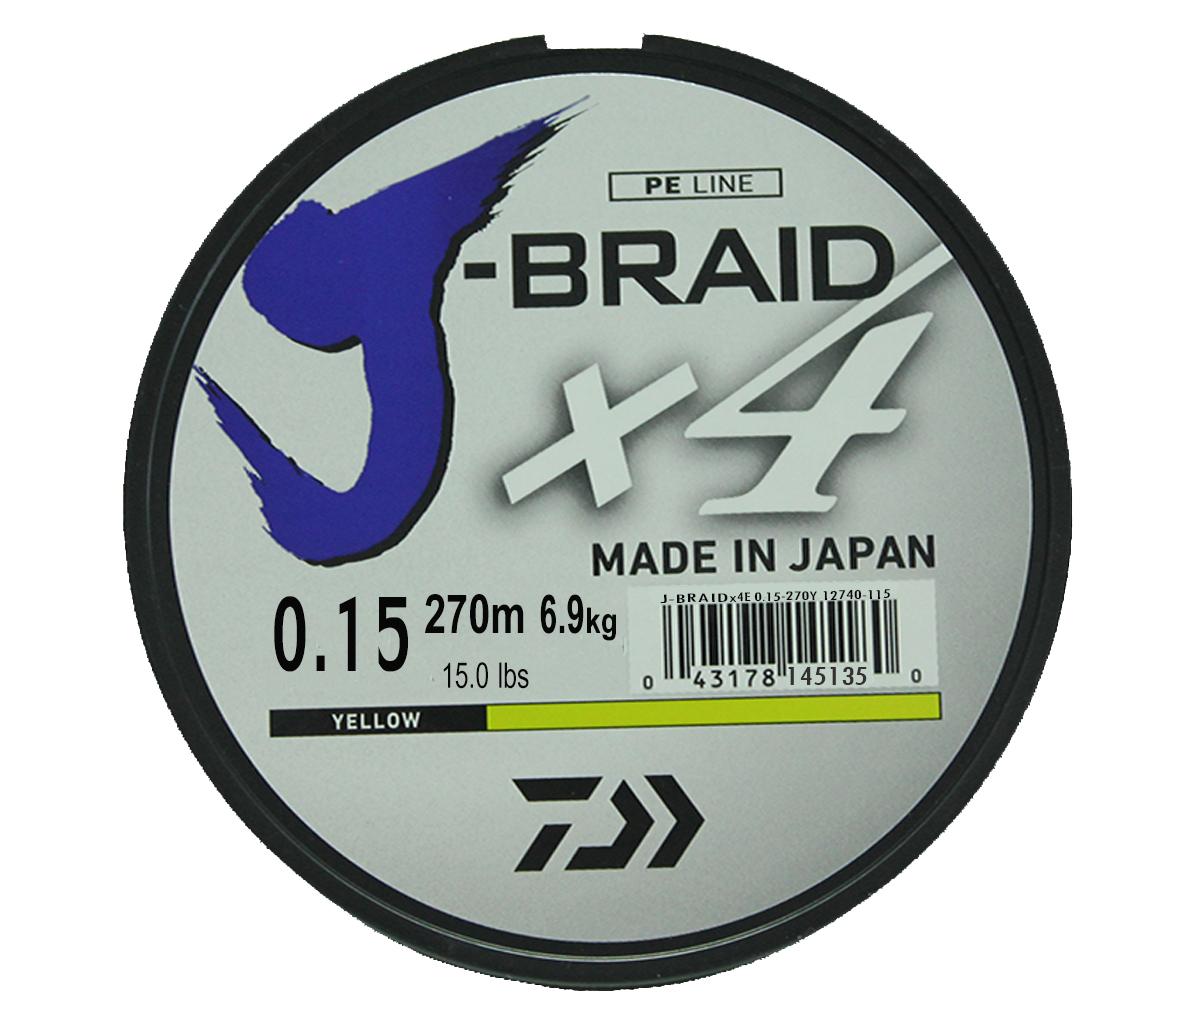 Леска плетеная DAIWA J-Braid X4 0,15мм 270 (флуор.-желтая)Леска плетеная<br>Новый 4х жильный шнур J-Braid, DAIWA - шнур высокого <br>класса с удивительным соотношением цены <br>и качества. Качество плетения полностью <br>соответствует японским стандартам и удовлетворяет <br>всем требованиям. Представленные диаметры <br>позволяют использовать шнур для всех техник <br>ловли, начиная от ultra- light ловли окуня, до <br>морской ловли палтуса, трески и т.д.<br>